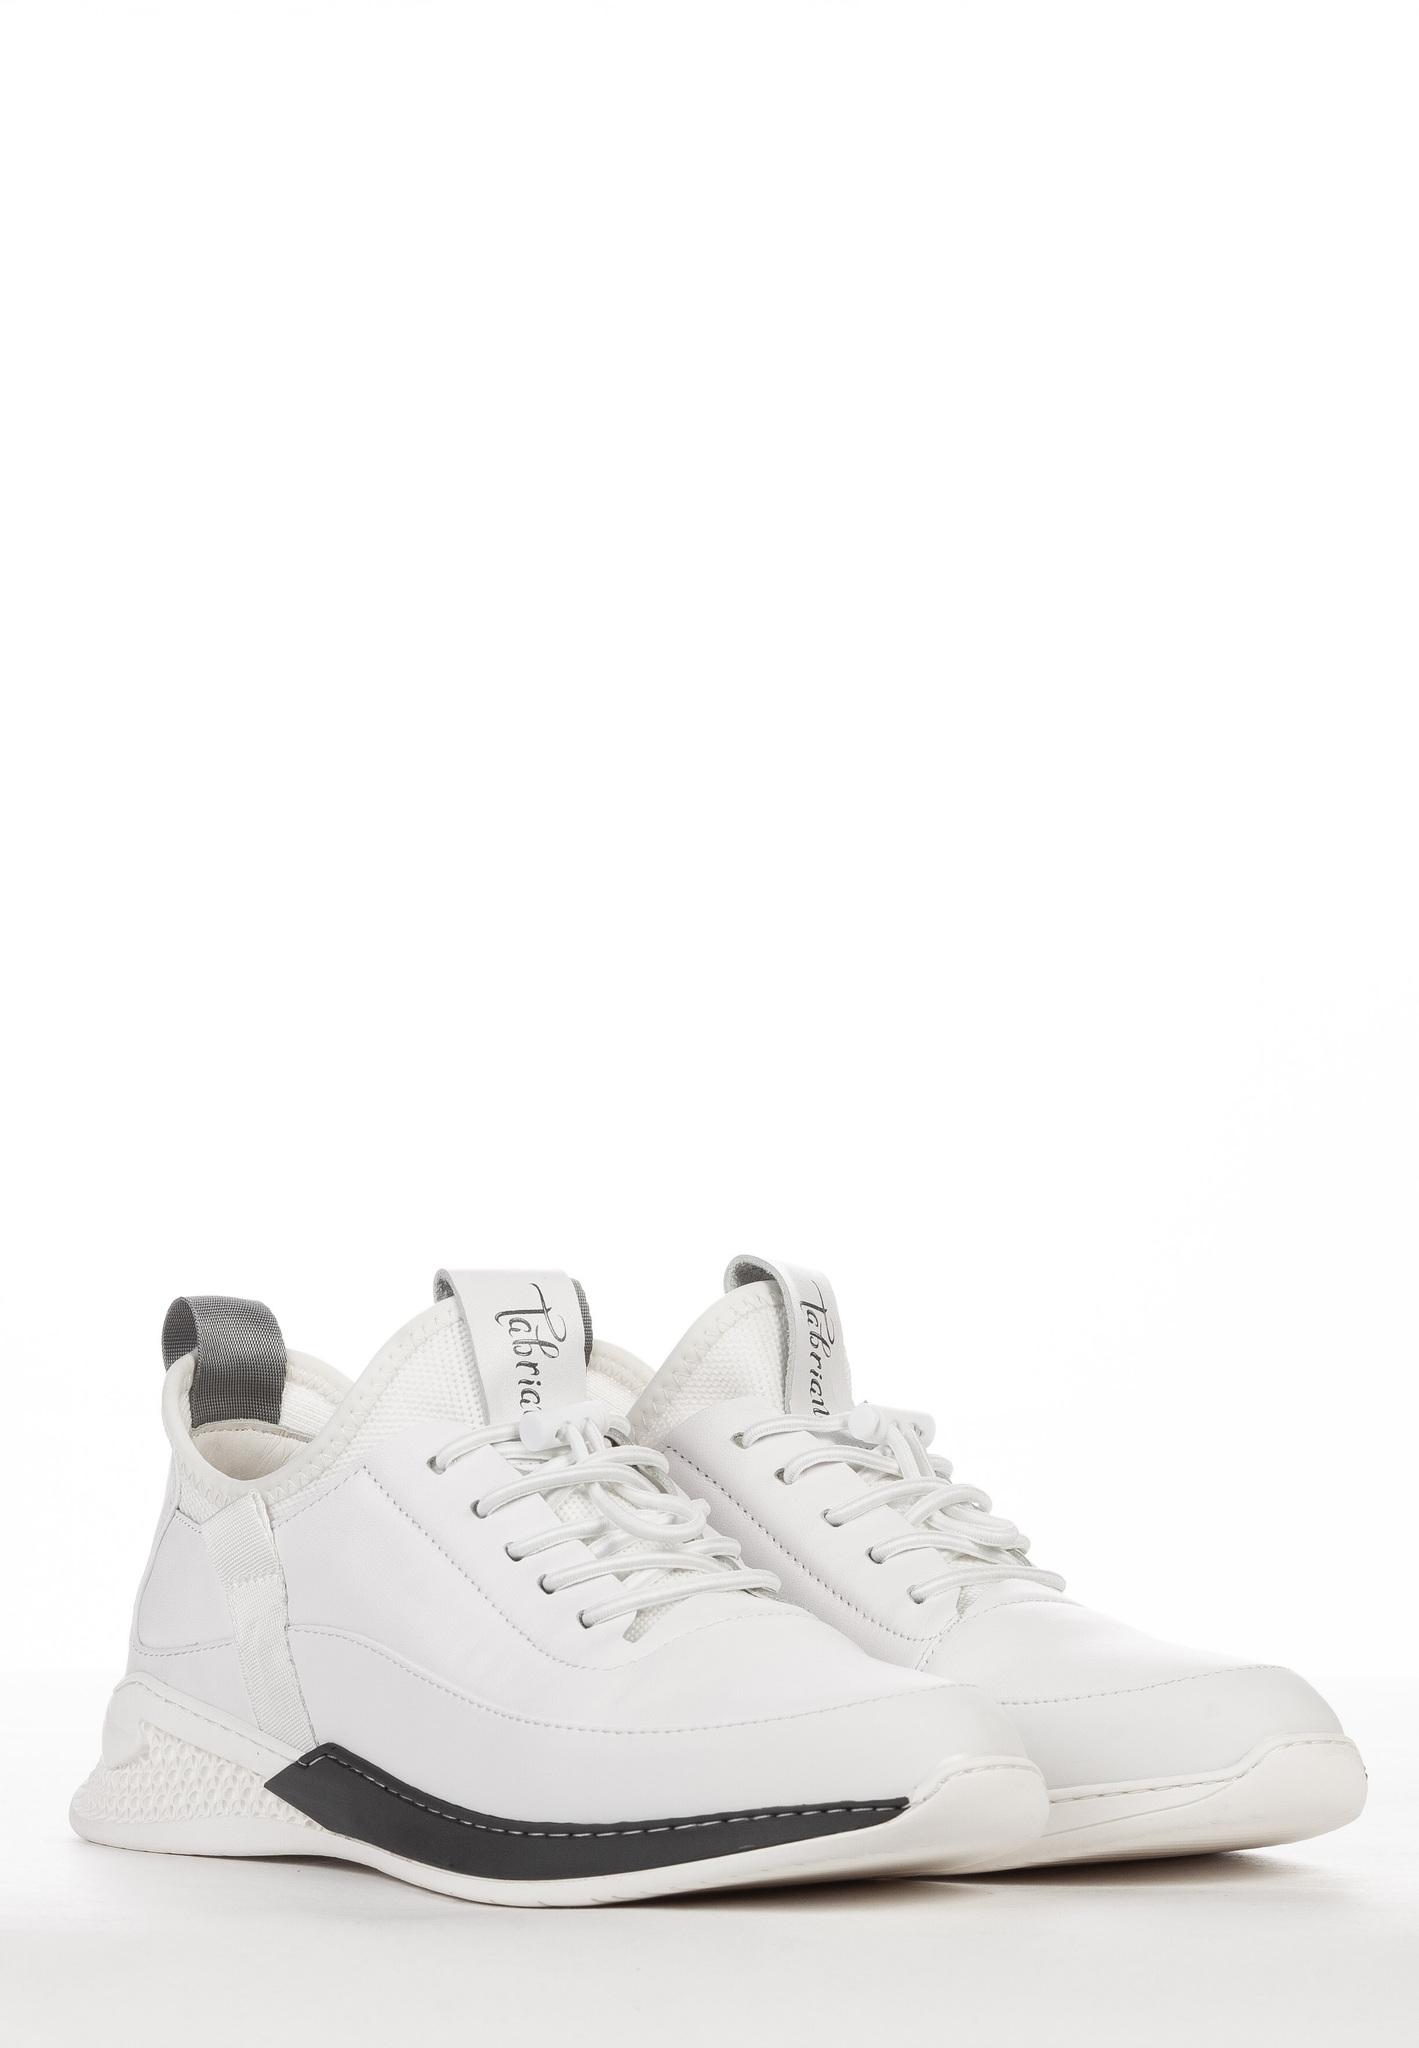 TABRIANO п/ботинки мужские